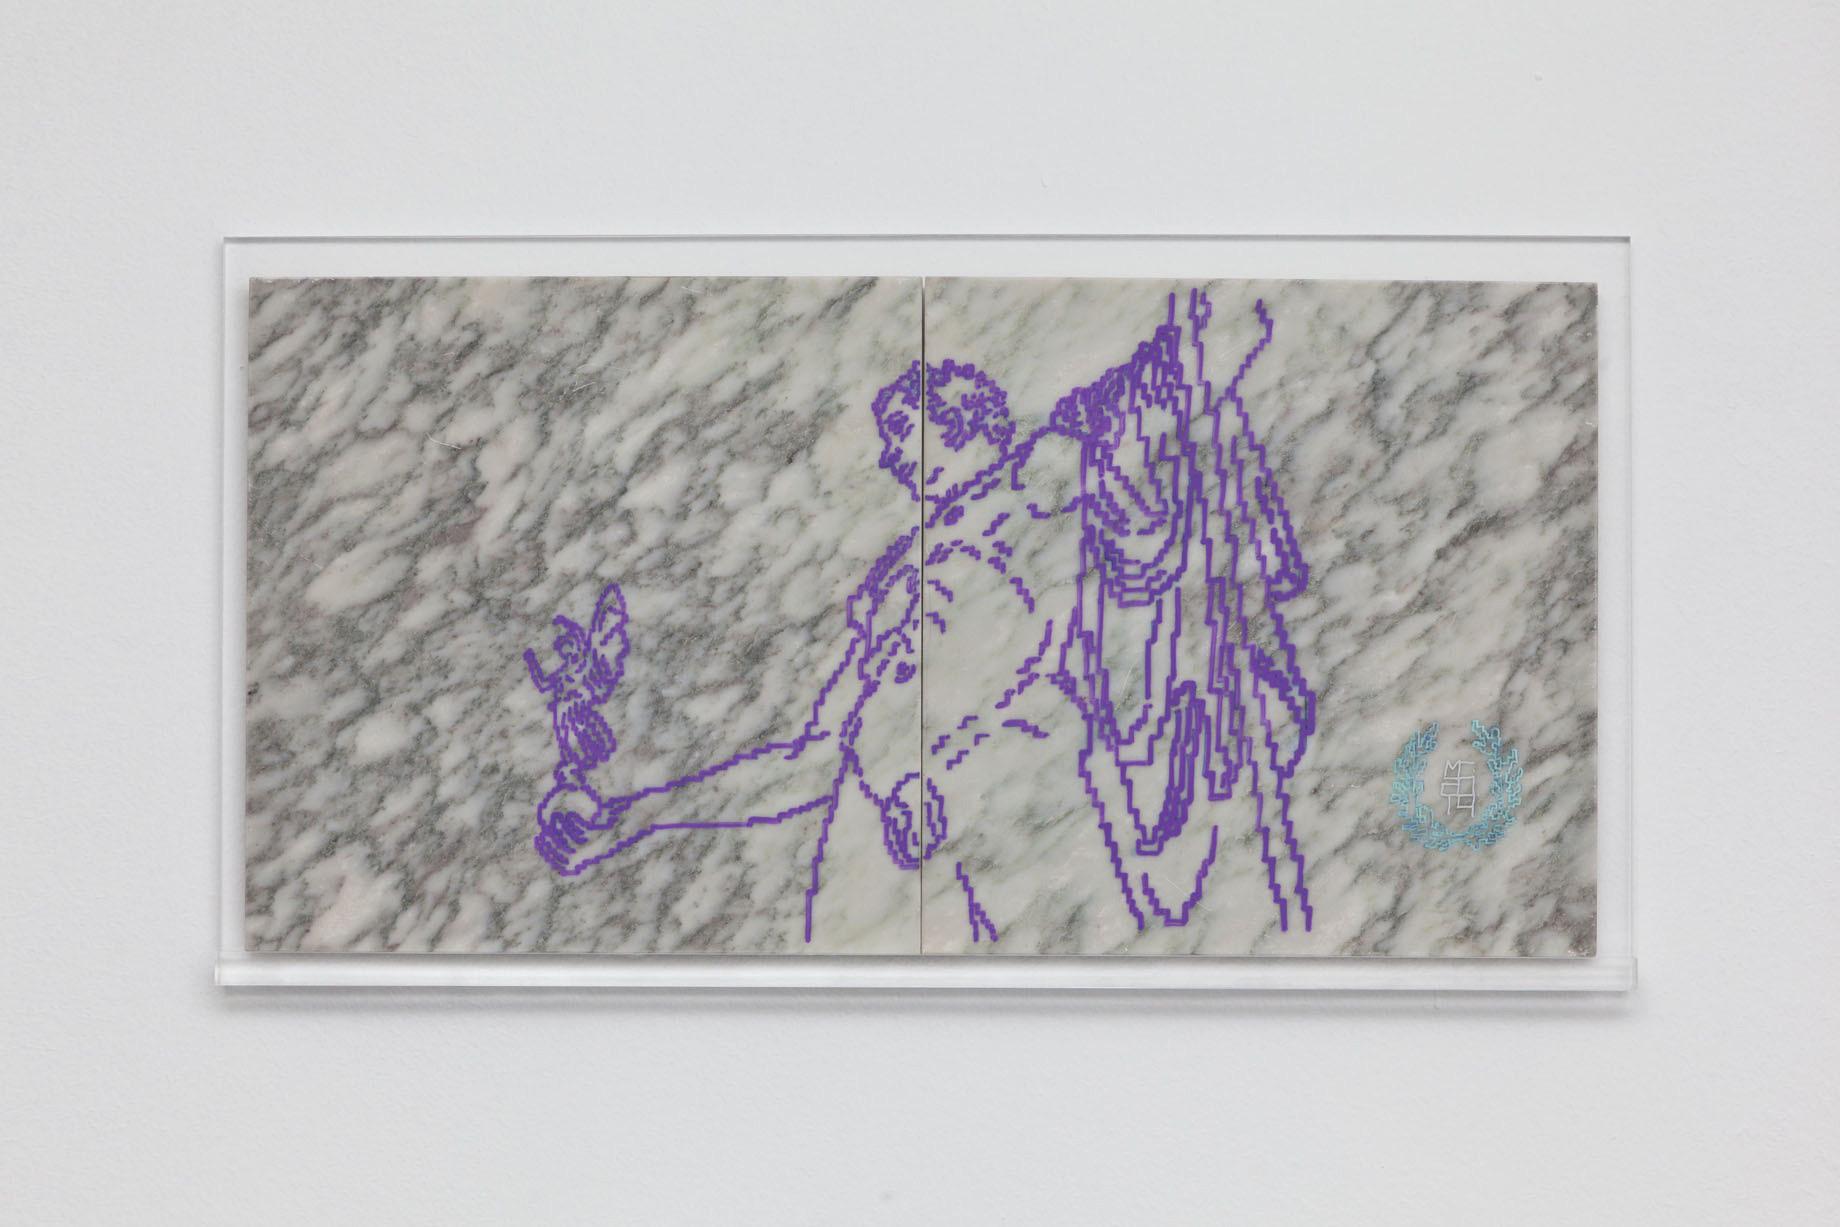 Michele Chiossi Brera, 2014  pennarello Uniposca, marmo  20x40x1 cm Napoleone accadevi di Belle Arti Milano disegno zigzag